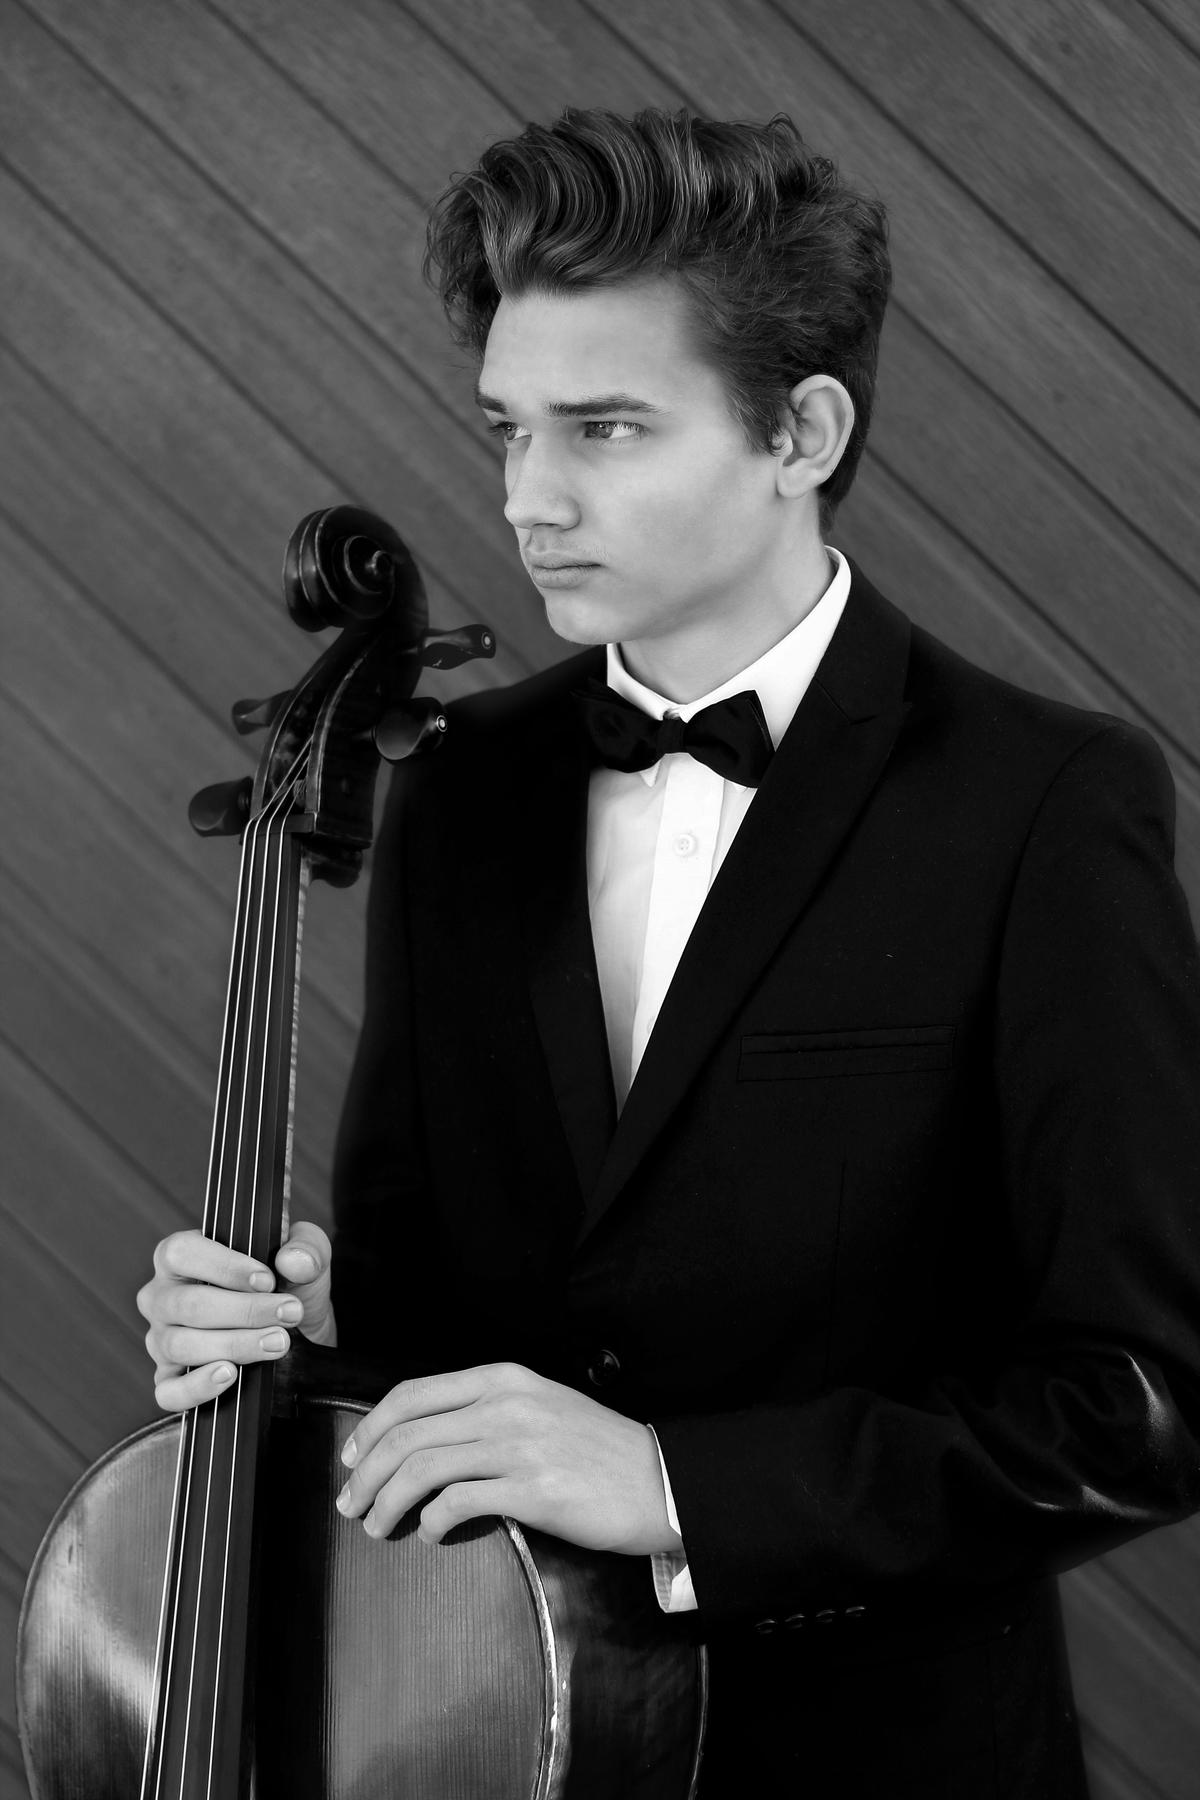 Ethan Lawson